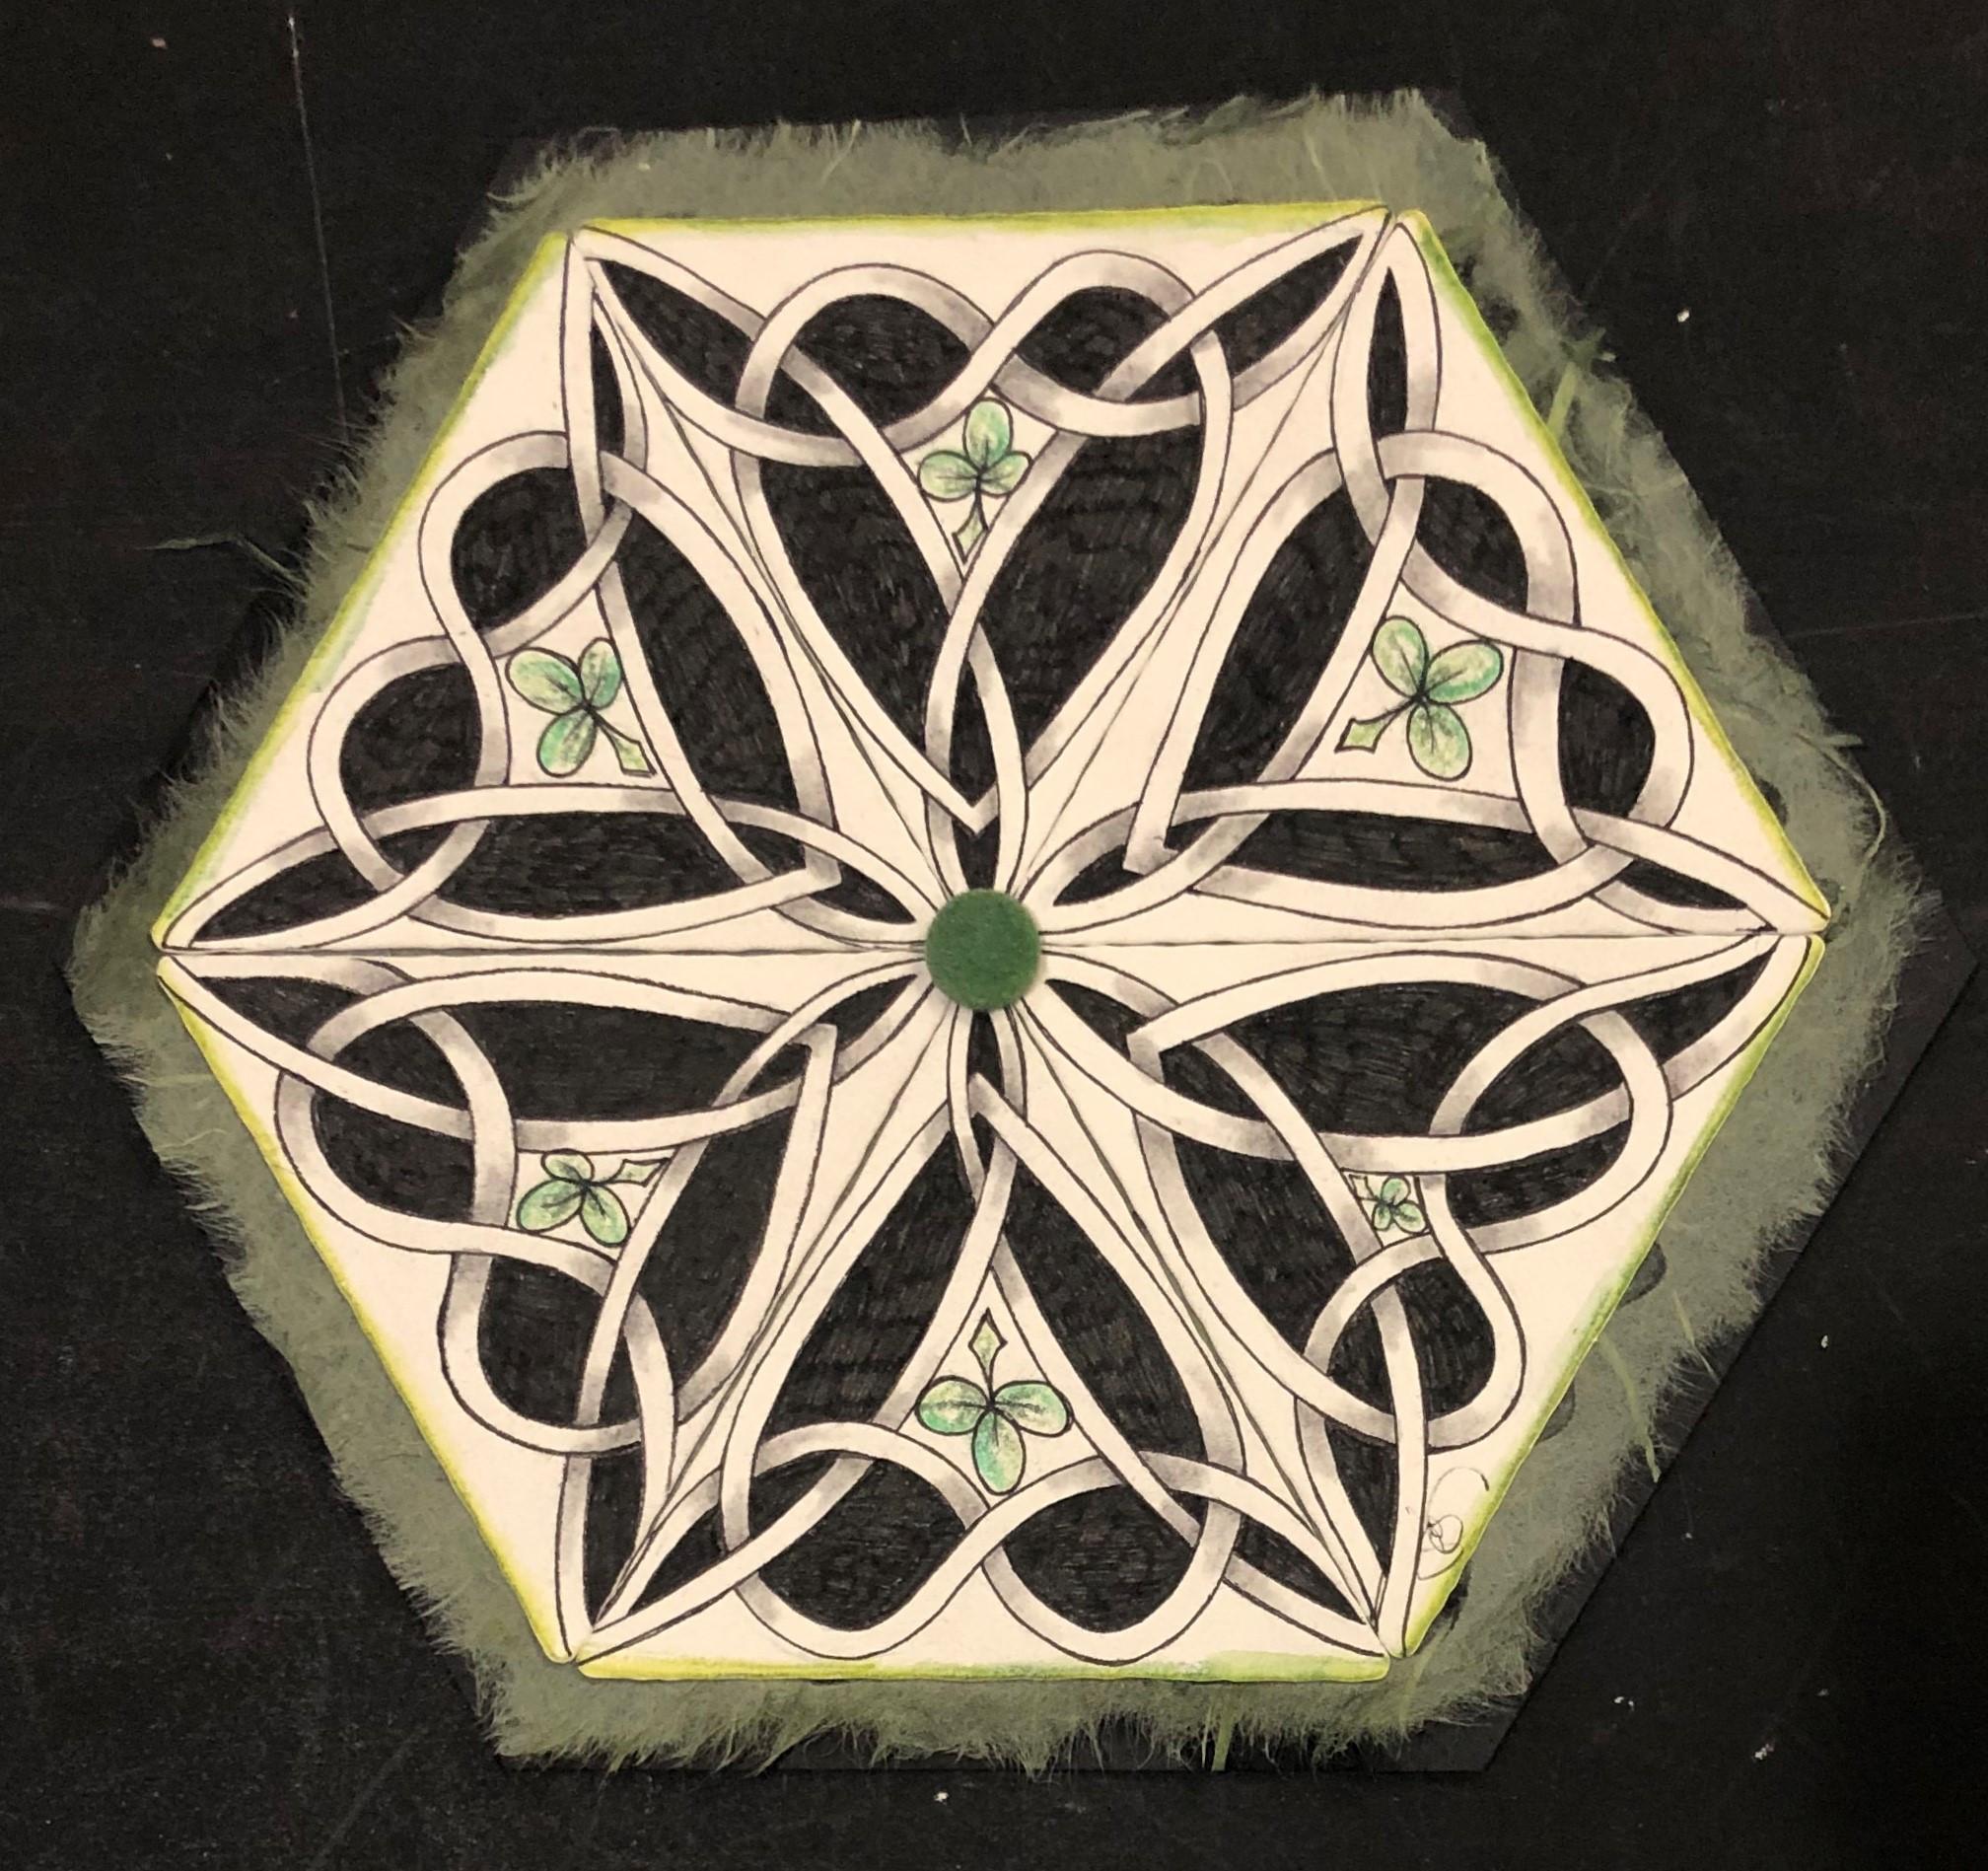 3Z Mosaic with an Irish Twist